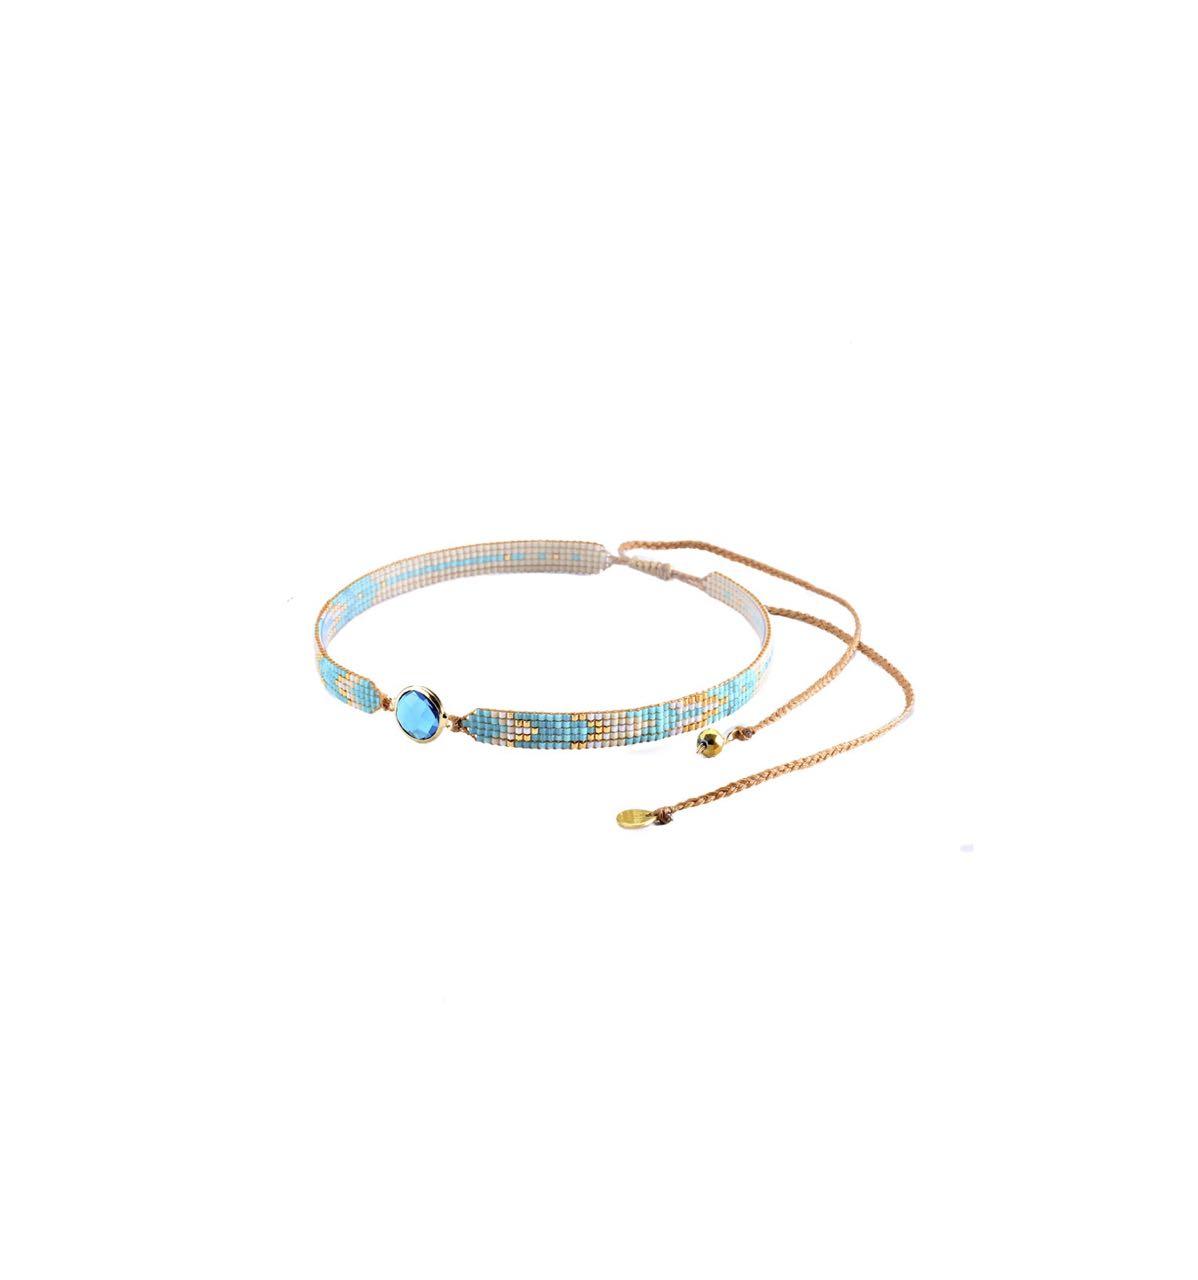 Rossy Choker Necklace-GL-S - Rossy Choker Necklace-GL-S-4385